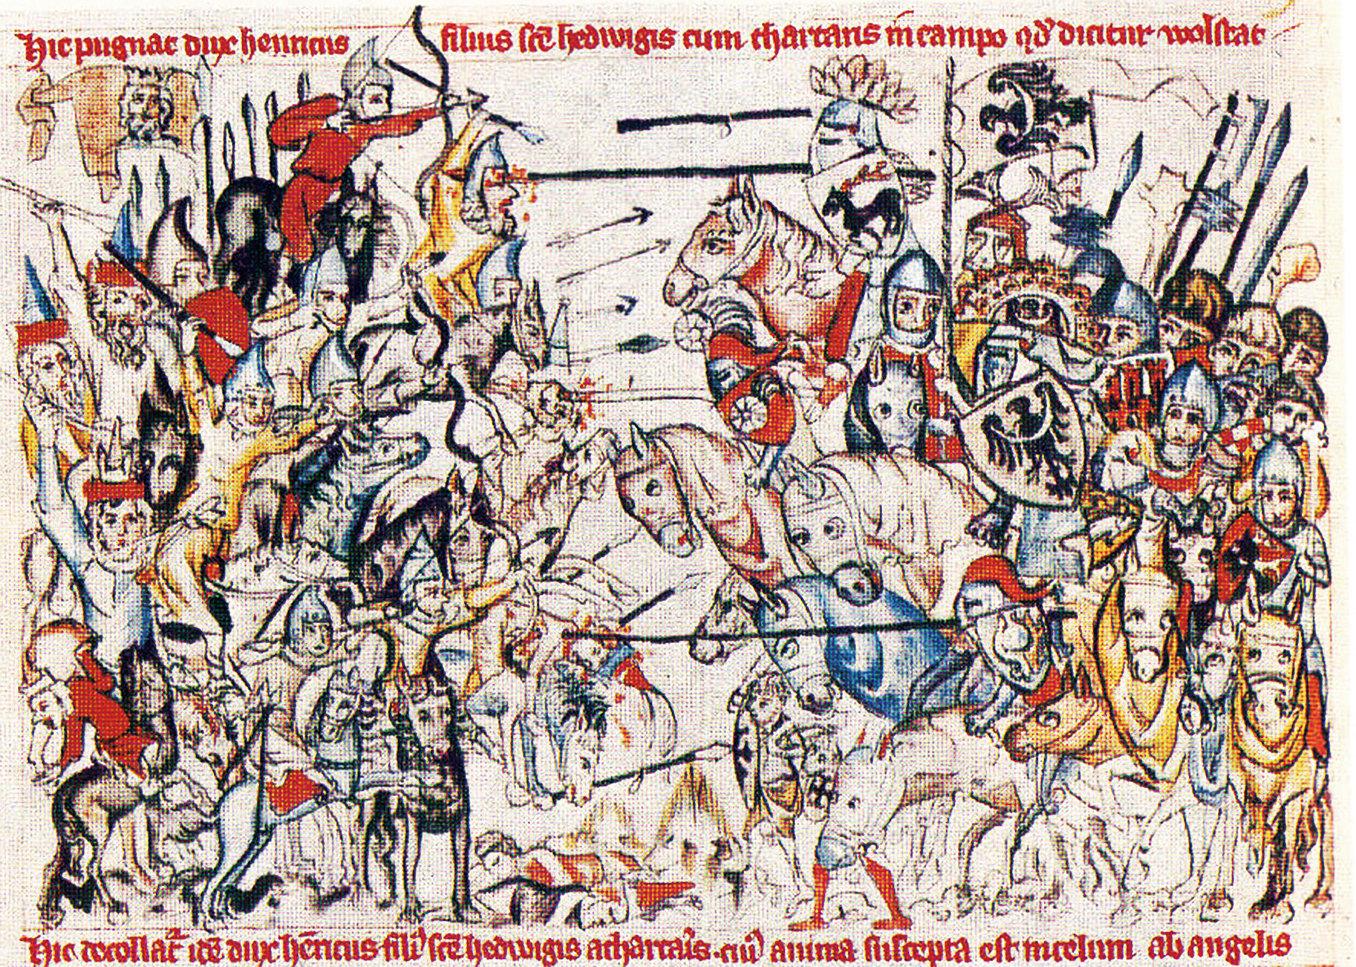 蒙古西征圖 (維基百科公有領域)